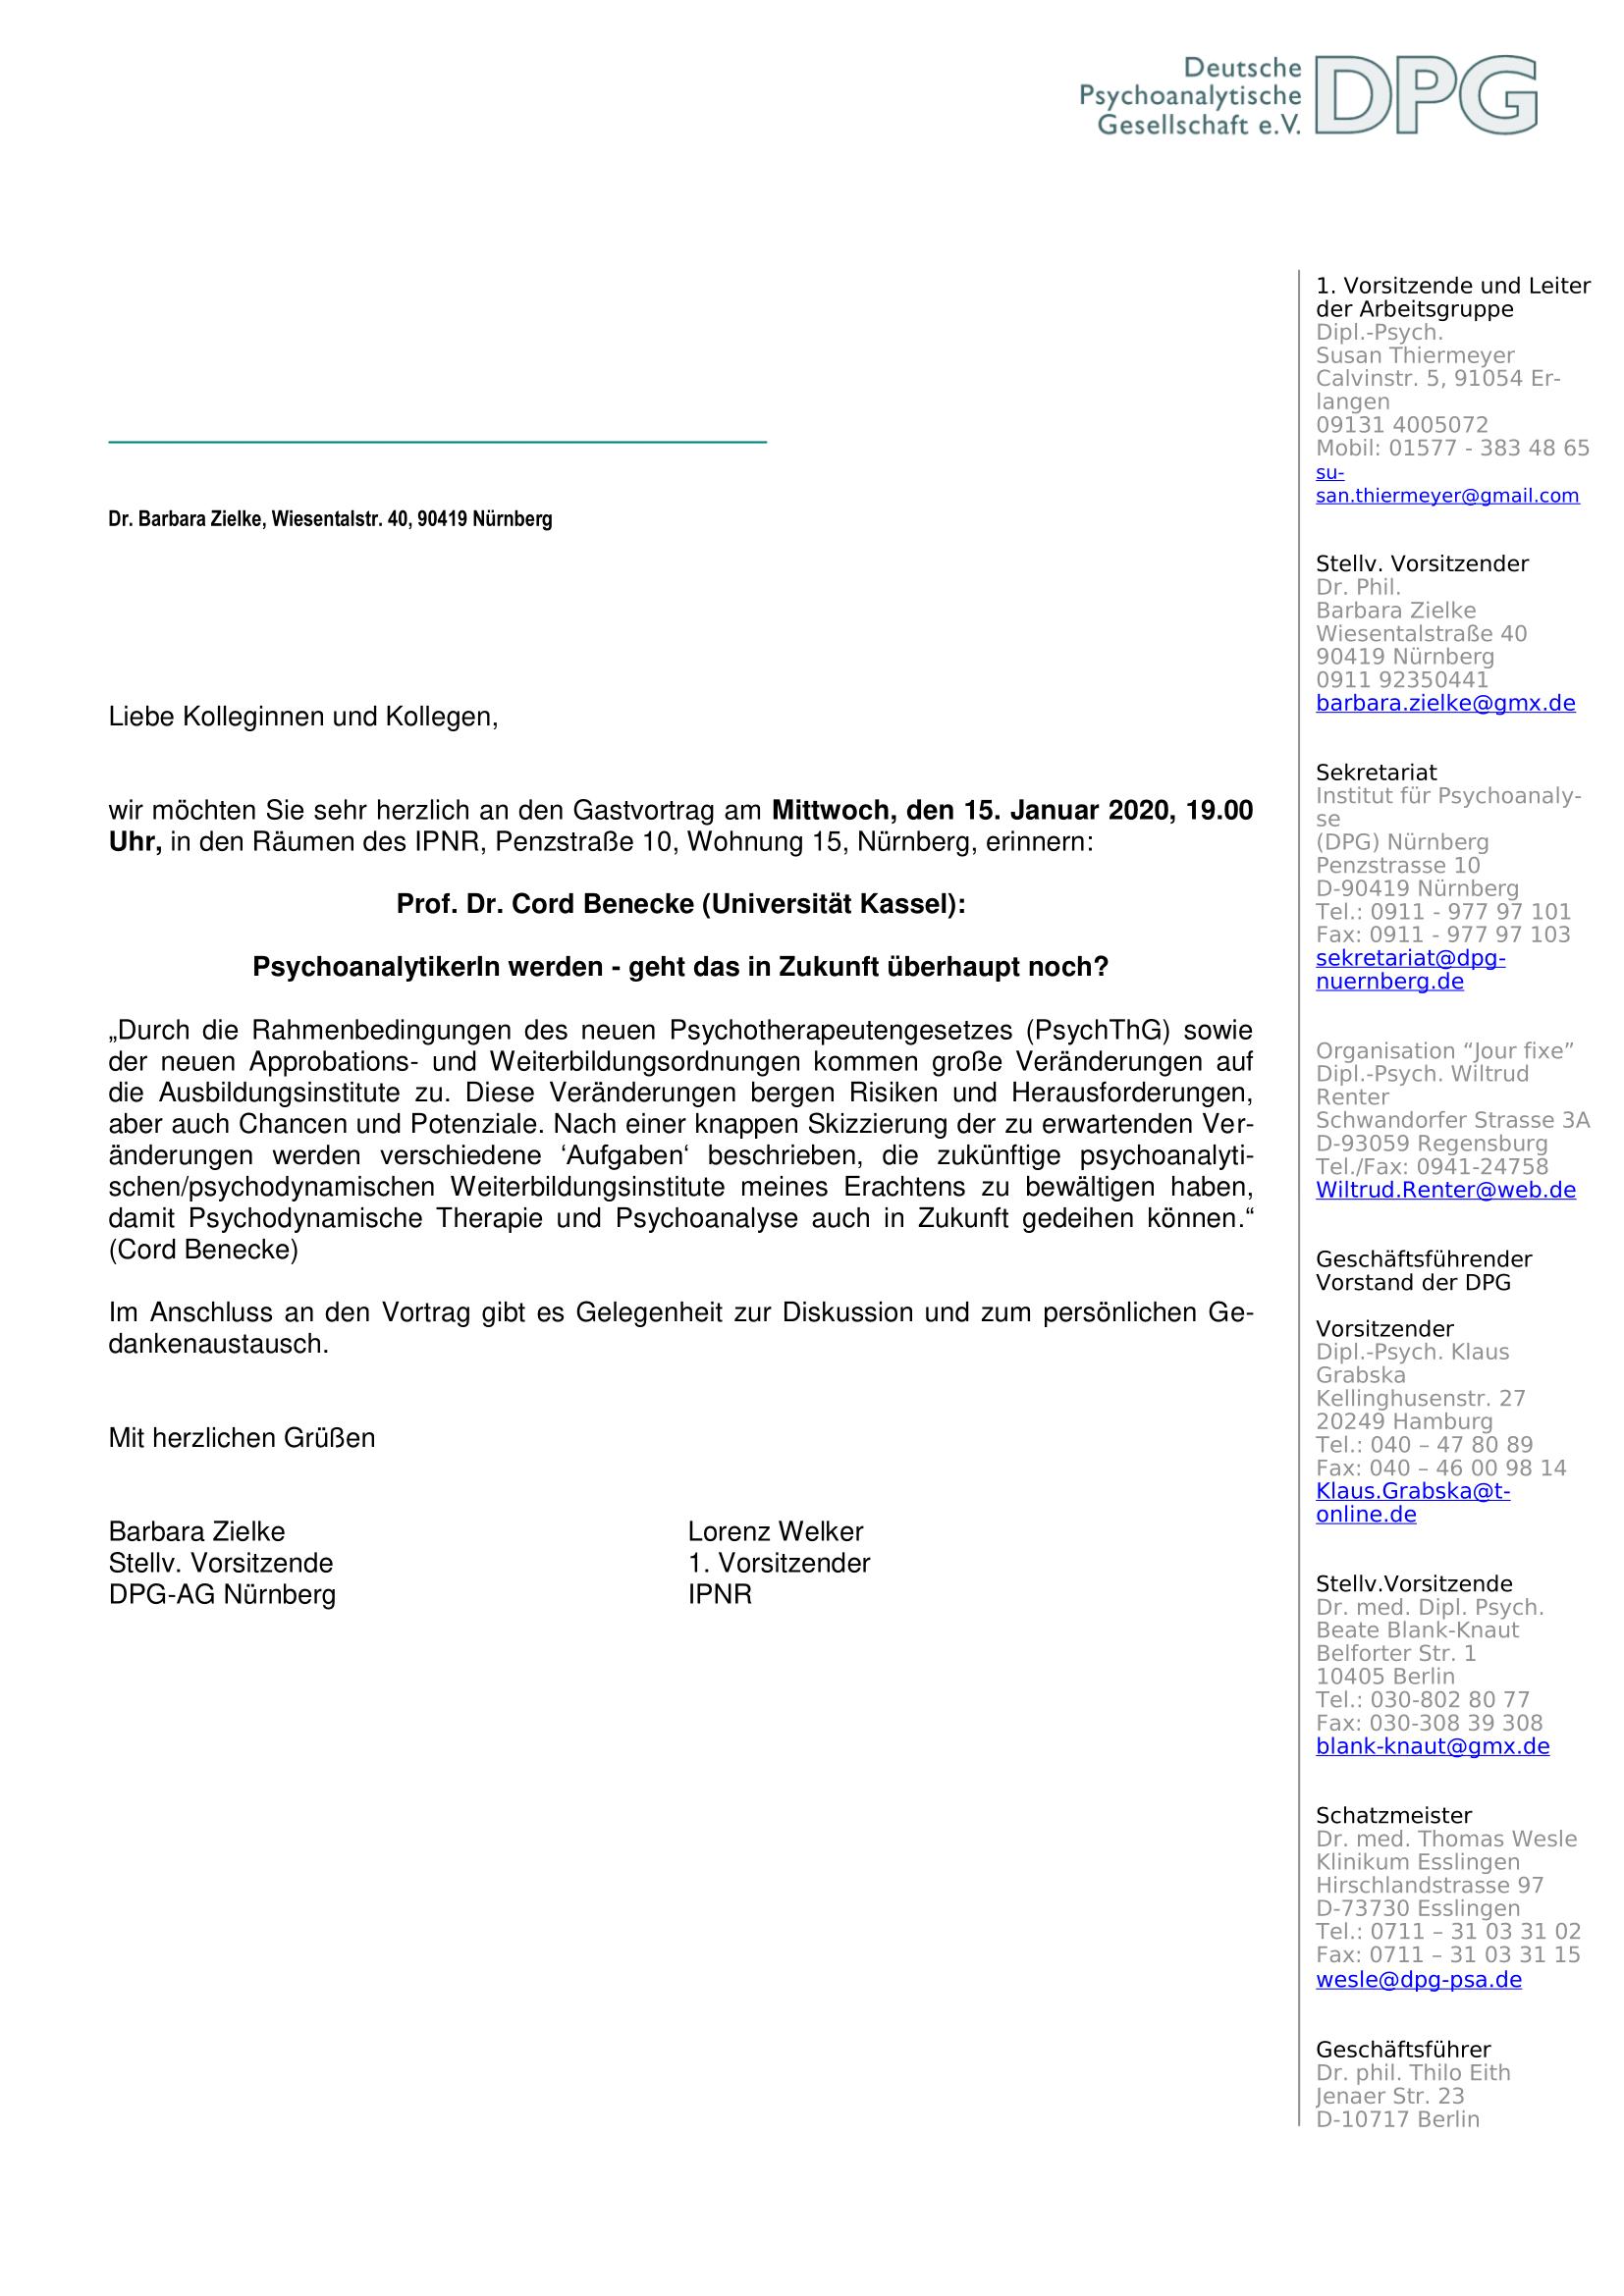 Einladung Vortrag Benecke 1